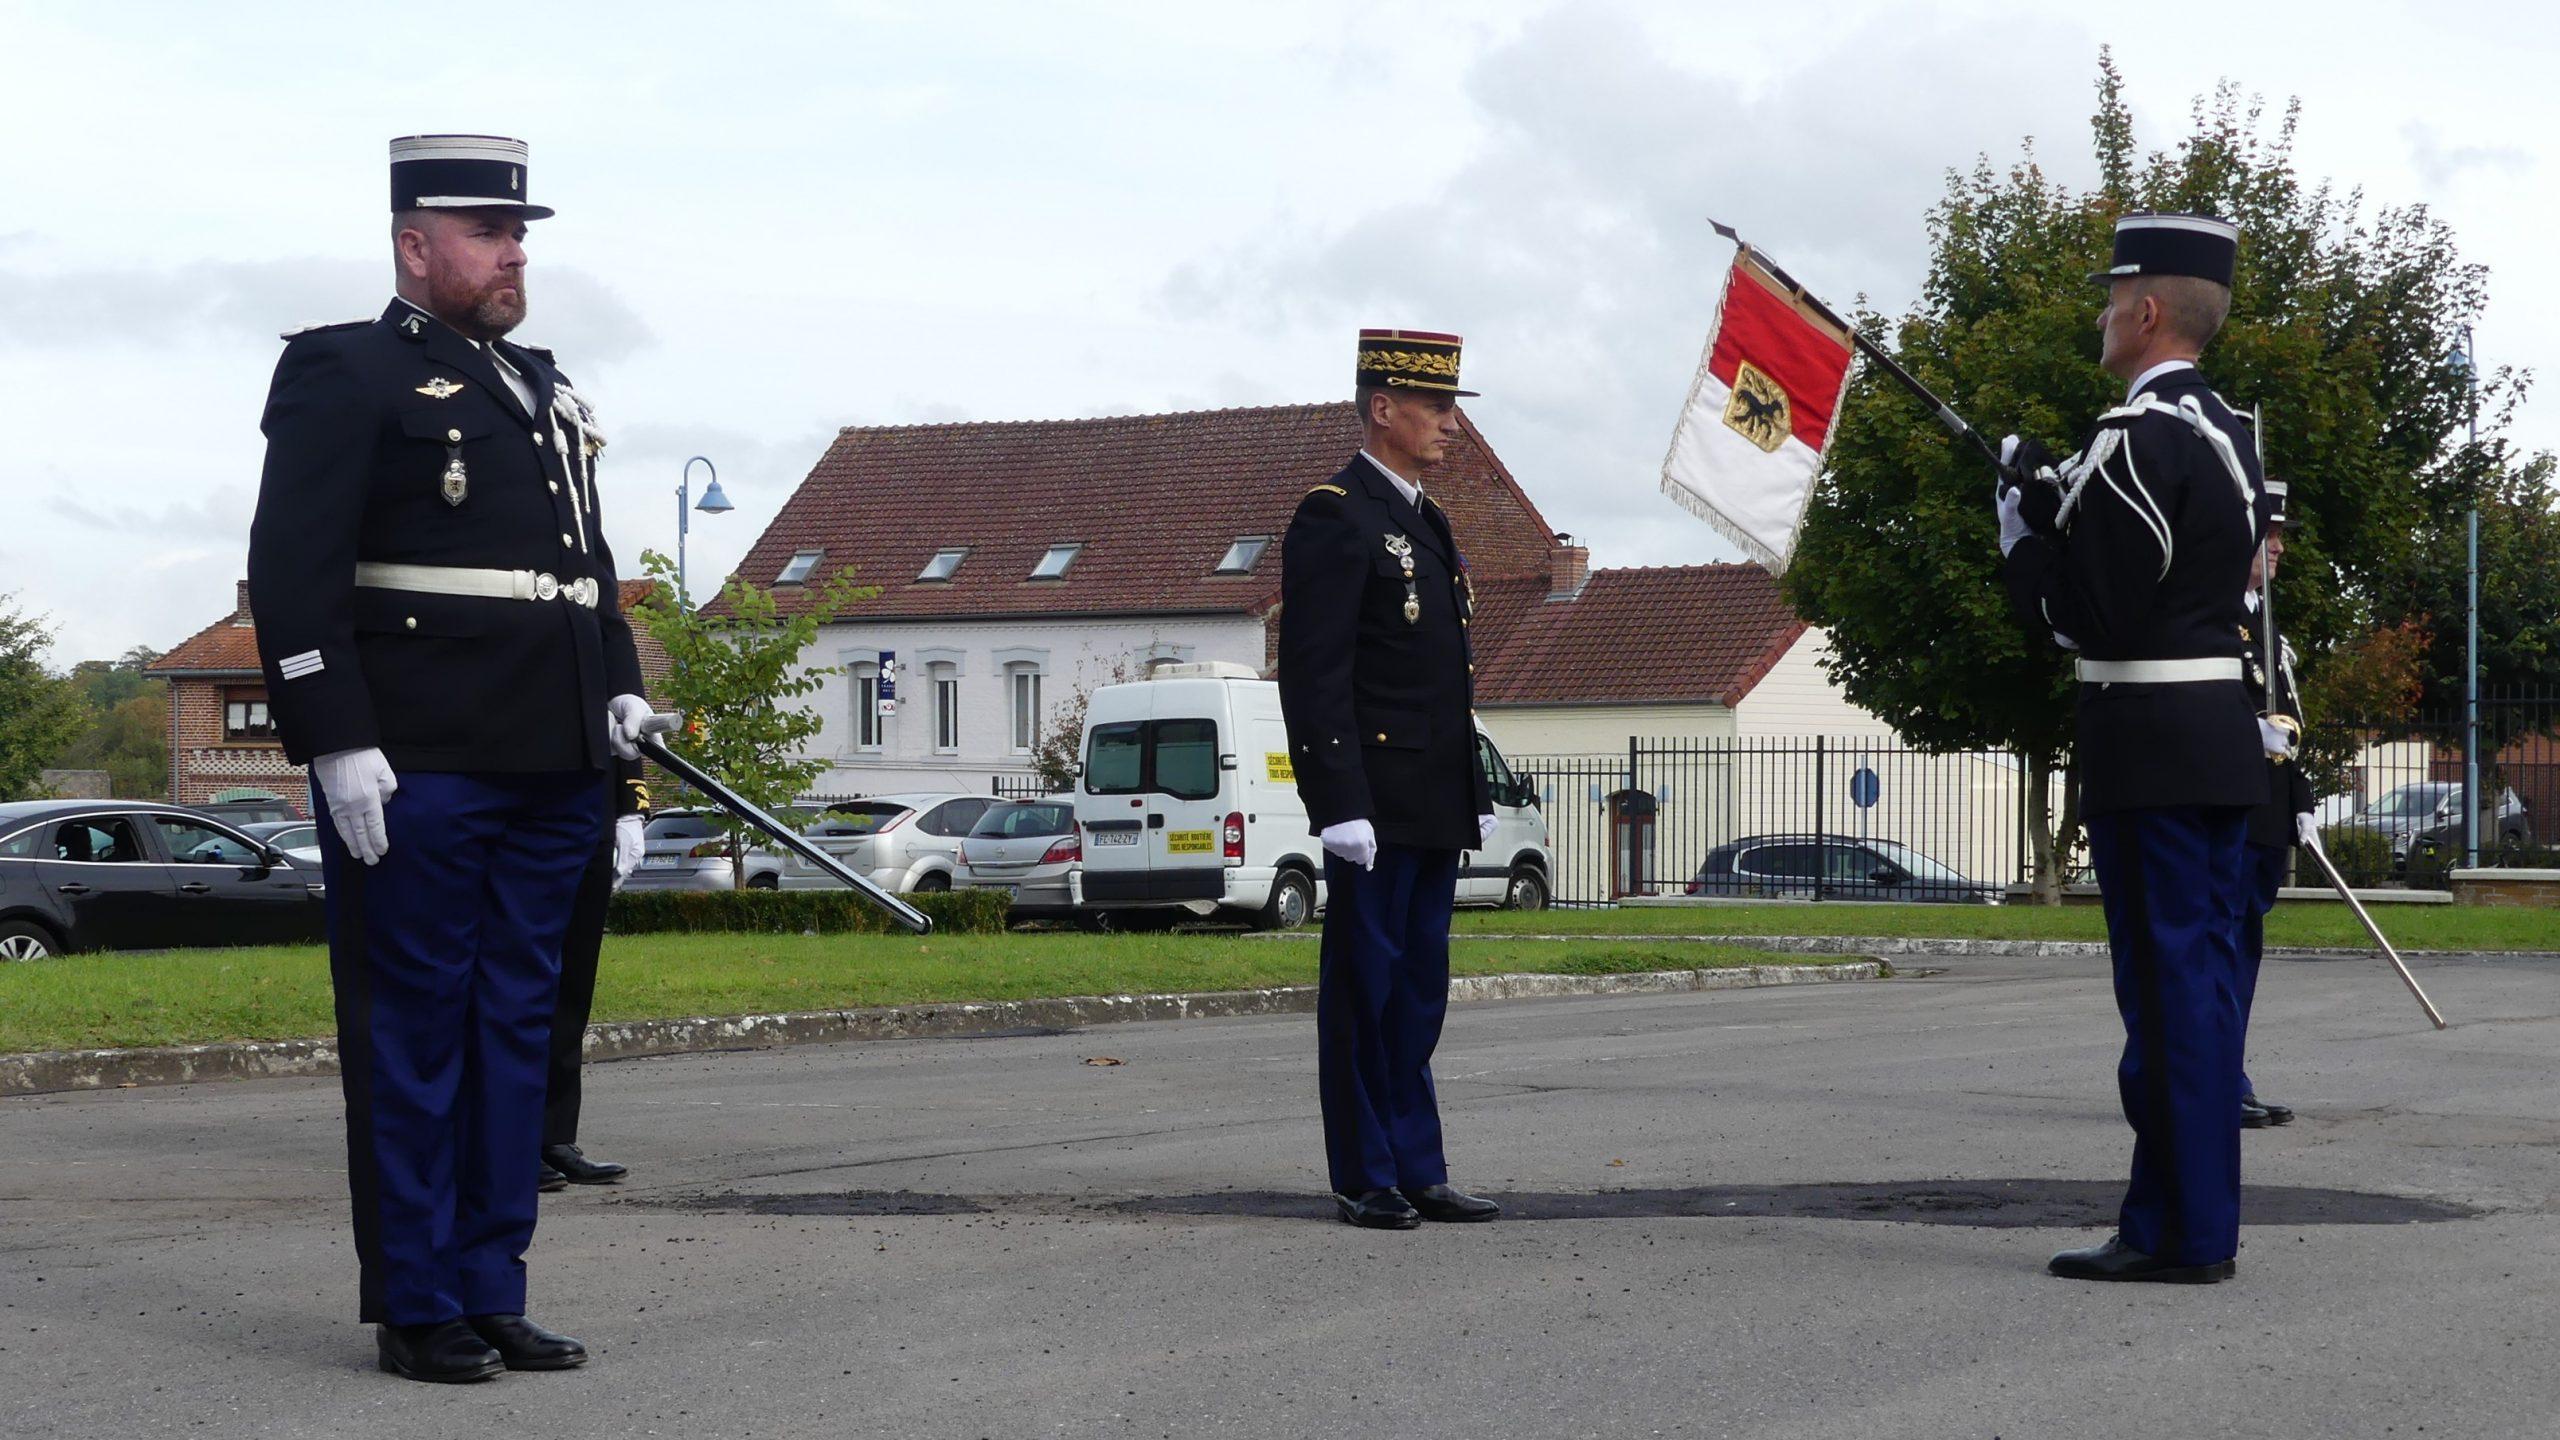 Cérémonial militaire pour la prise de commandement du capitaine Champain à la compagnie de Saint-Pol